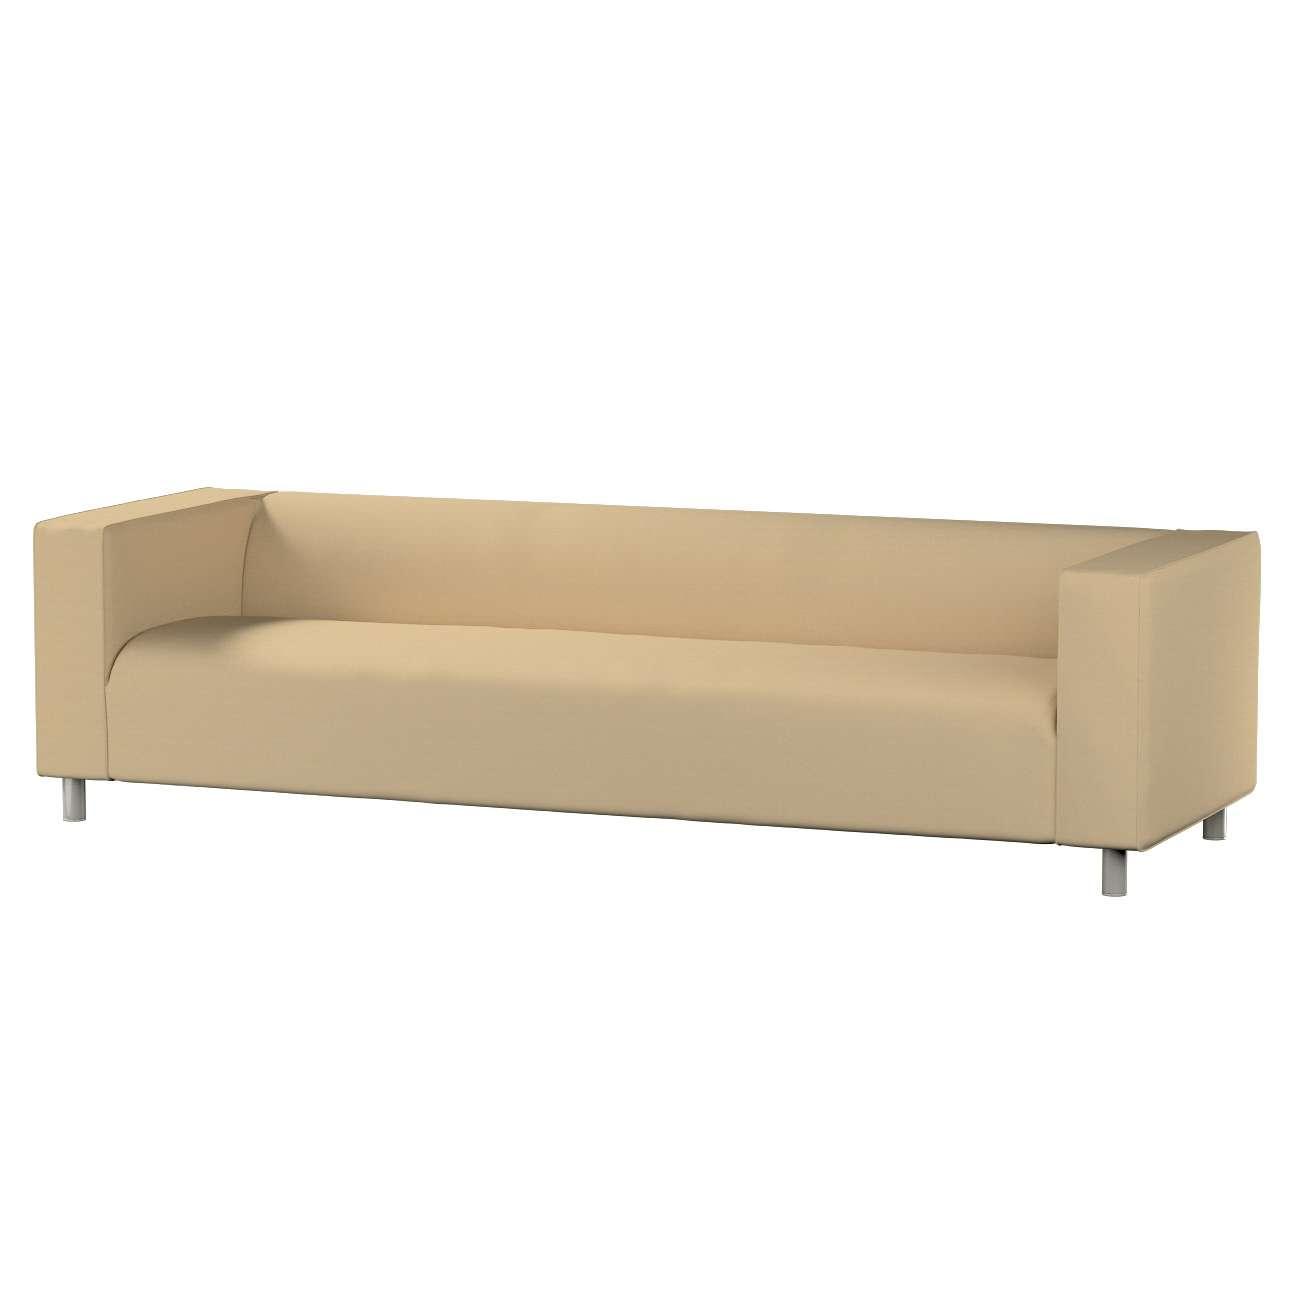 Klippan keturvietės sofos užvalkalas Klippan keturvietė sofa kolekcijoje Cotton Panama, audinys: 702-01